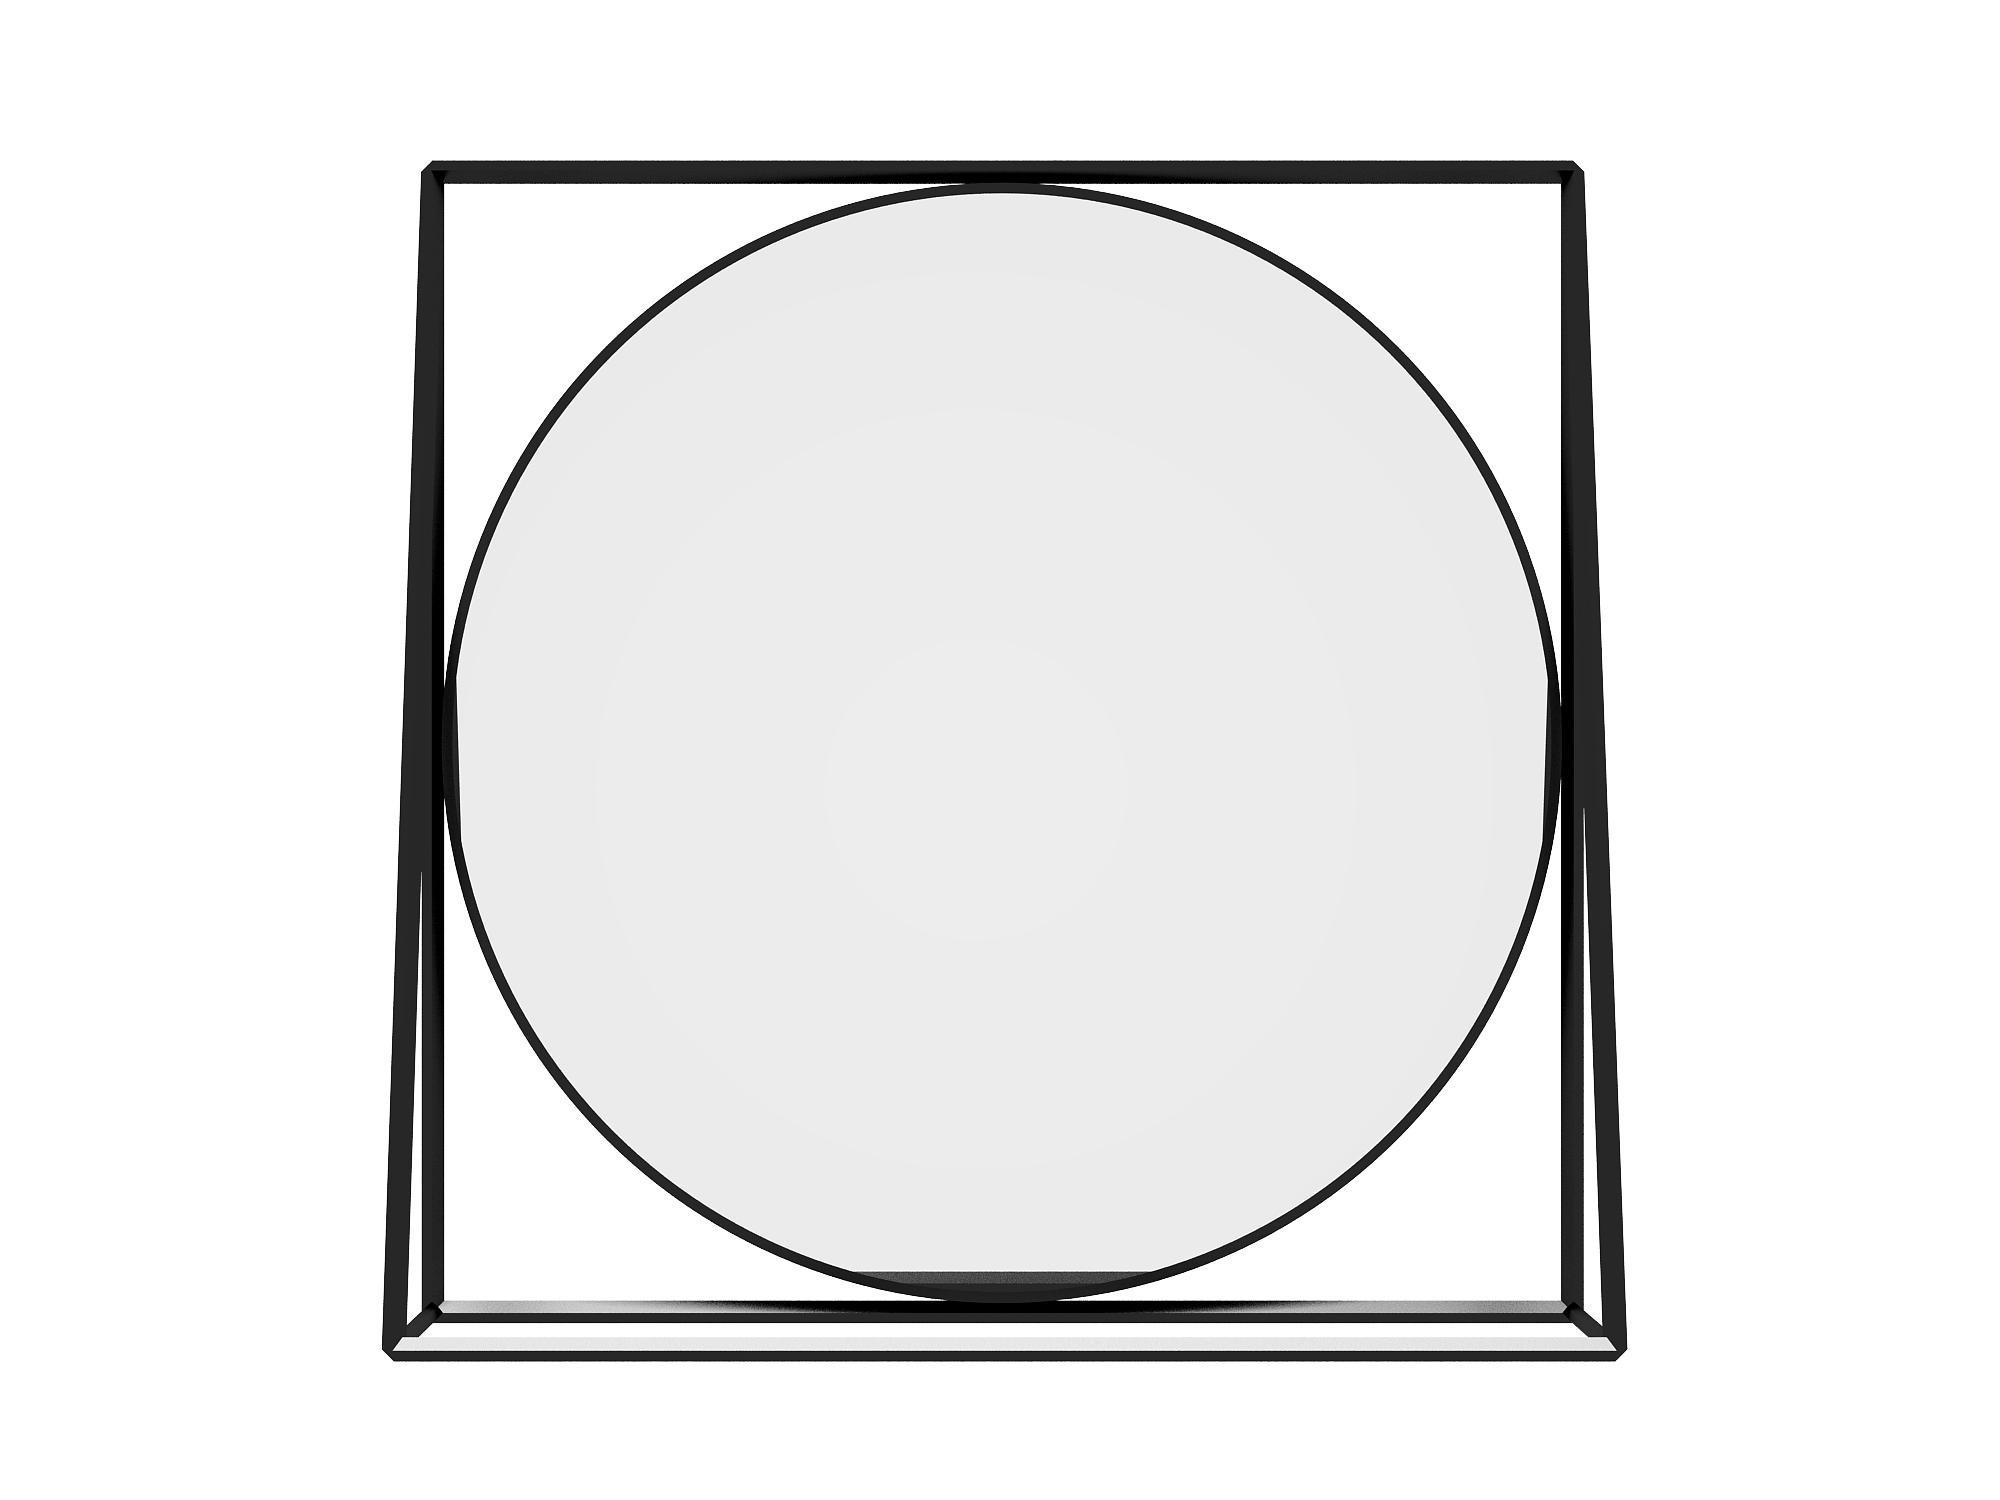 Зеркало FrameНастенные зеркала<br>Оригинальное зеркало в каркасе из металла изготовленное специально доя The Furnish. Этот образец любимого многими стиля лофт может оказаться как у вас в квартире, так и органично вписаться в интерьеры предприятий HoReCa. Мы ценим его универсальность.&amp;lt;div&amp;gt;&amp;lt;br&amp;gt;&amp;lt;/div&amp;gt;&amp;lt;div&amp;gt;&amp;lt;br&amp;gt;&amp;lt;/div&amp;gt;<br><br>Material: Металл<br>Ширина см: 90<br>Высота см: 90<br>Глубина см: 20